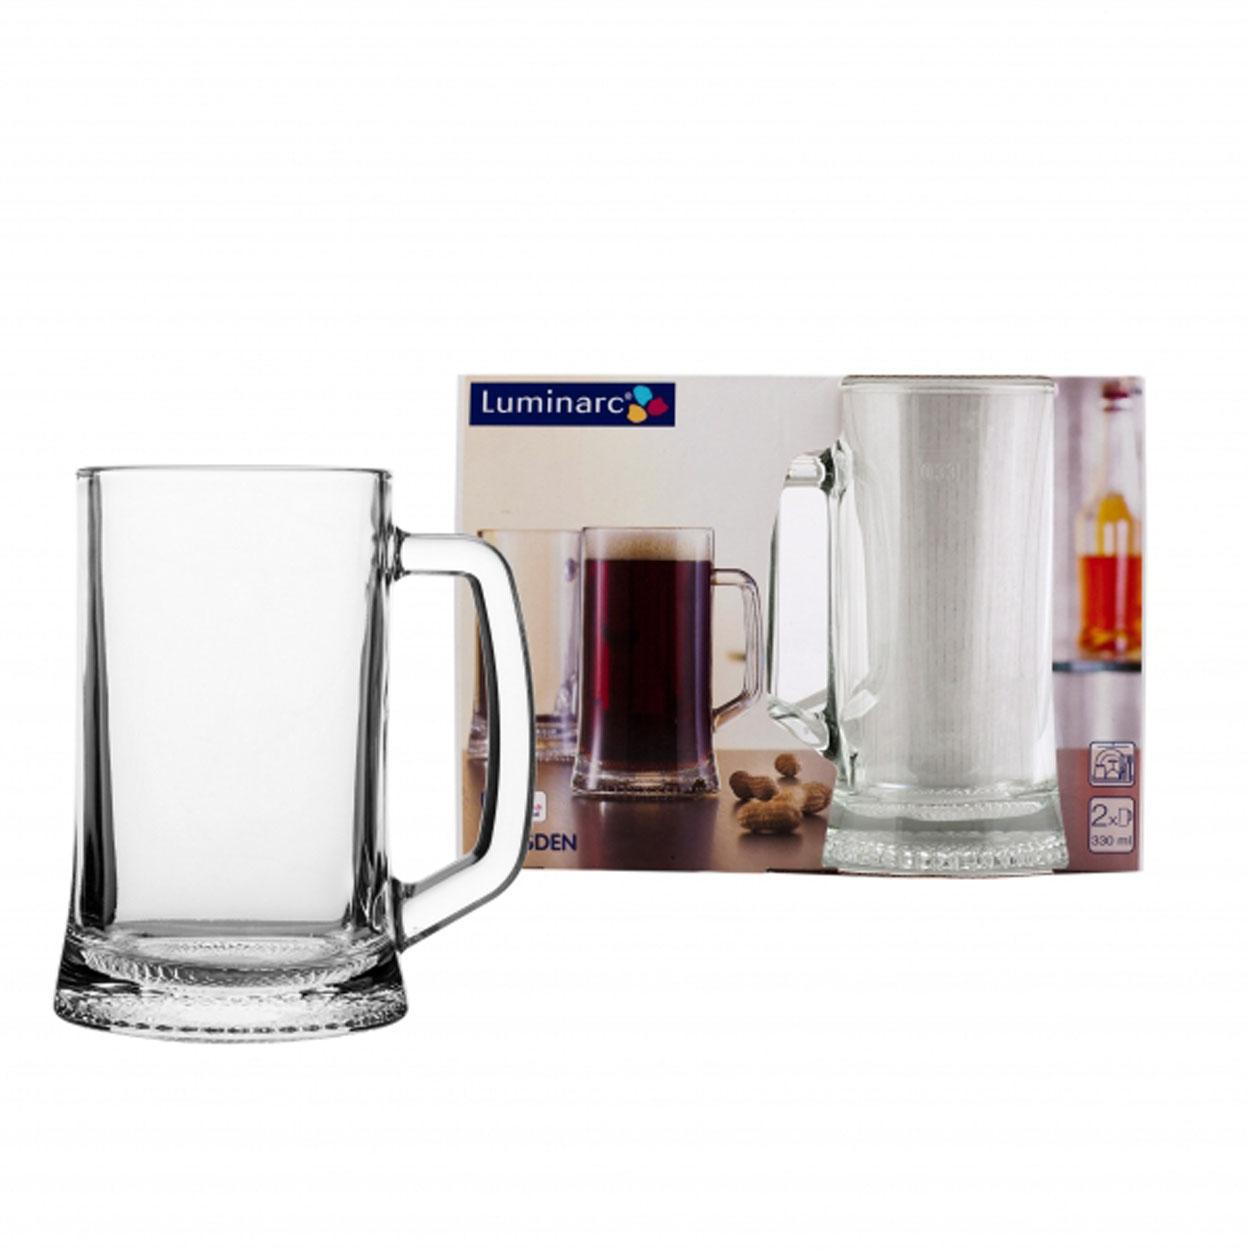 Набор кружек для пива Luminarc Дрезден, 330 мл. H51124630003364517Набор состоит из двух кружек, предназначенных для пива, которые изготовлены из ударопрочного стекла.Можно мыть в посудомоечной машине.Объем кружки: 330 мл.